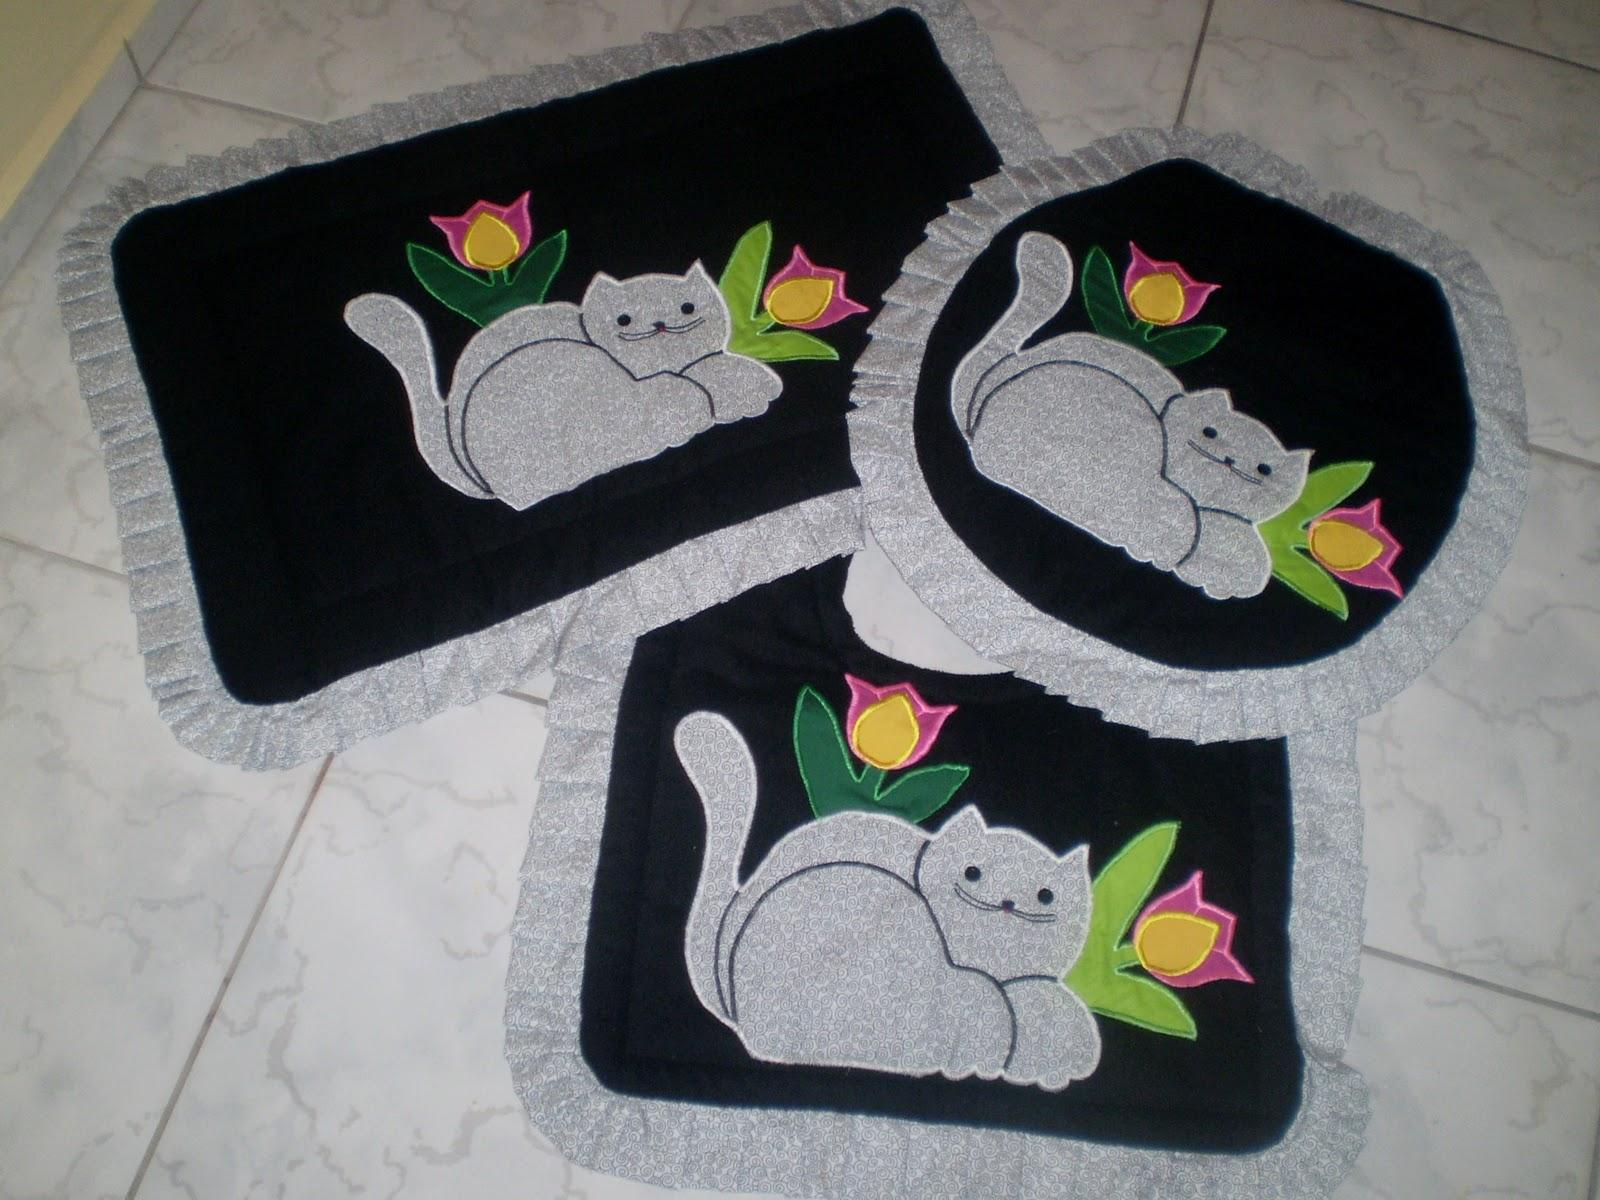 de ouro artesanato e aviamentos by Vó Bia: Jogo de banheiro gatos #9E802D 1600 1200